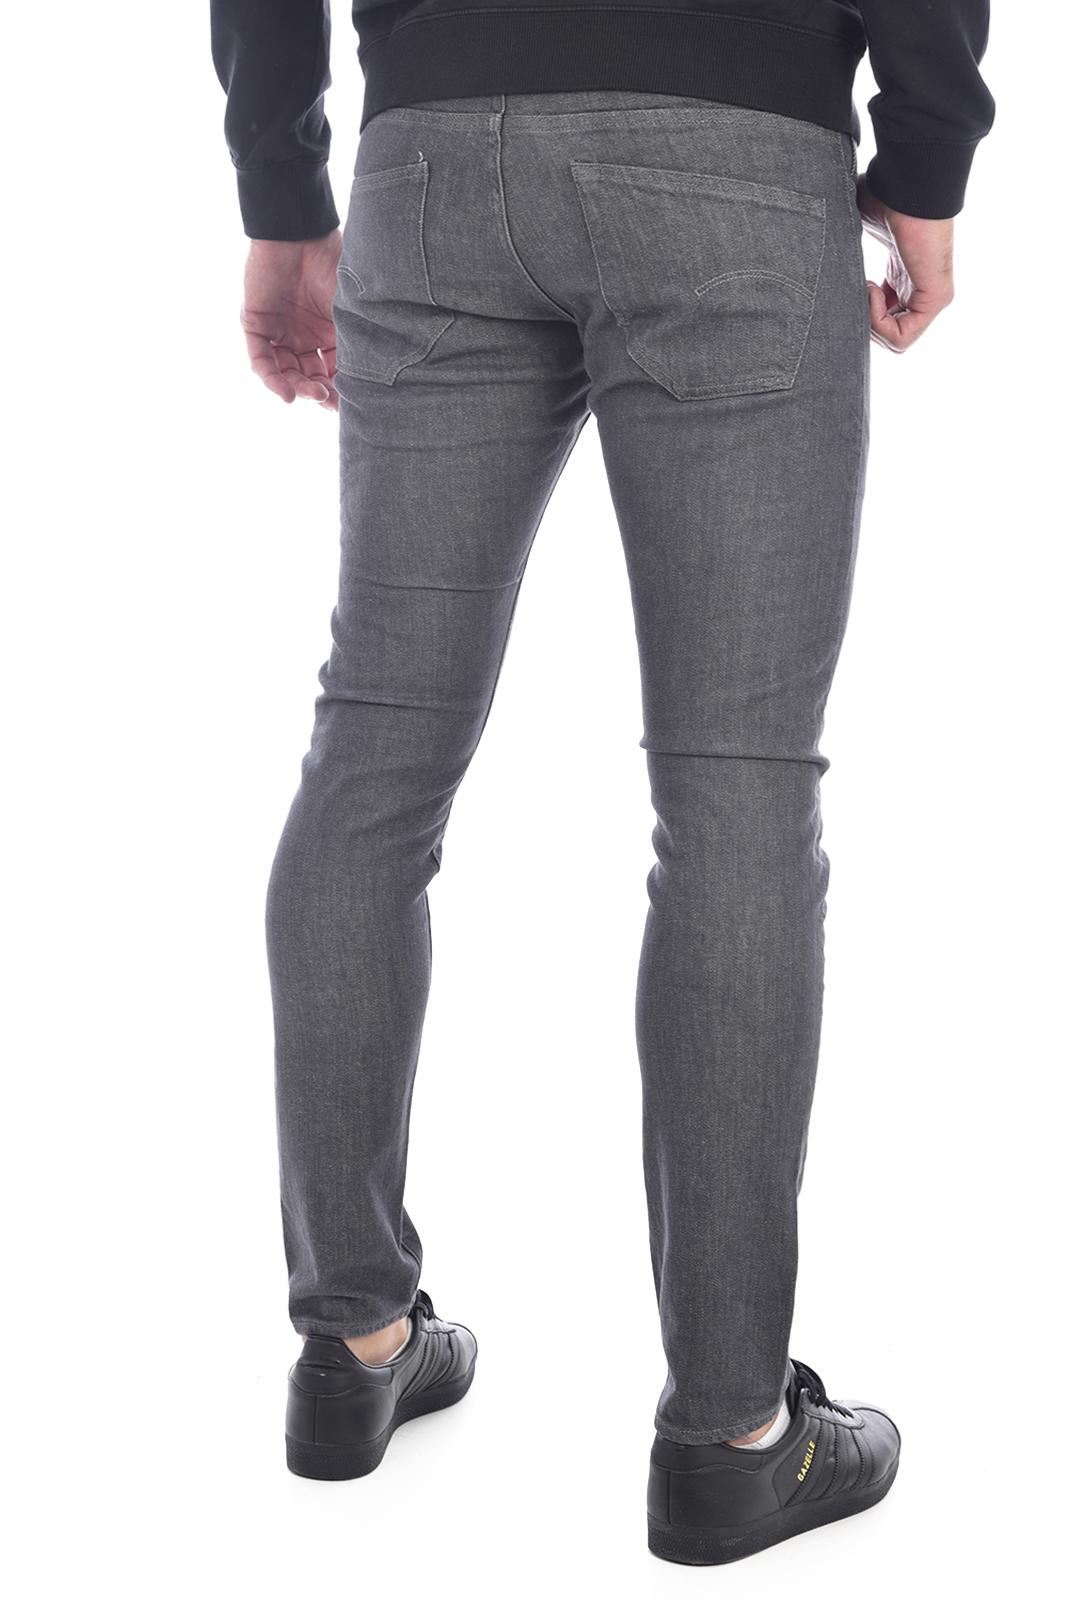 Jeans  G-star D01159-D019-082 deconstructed gris